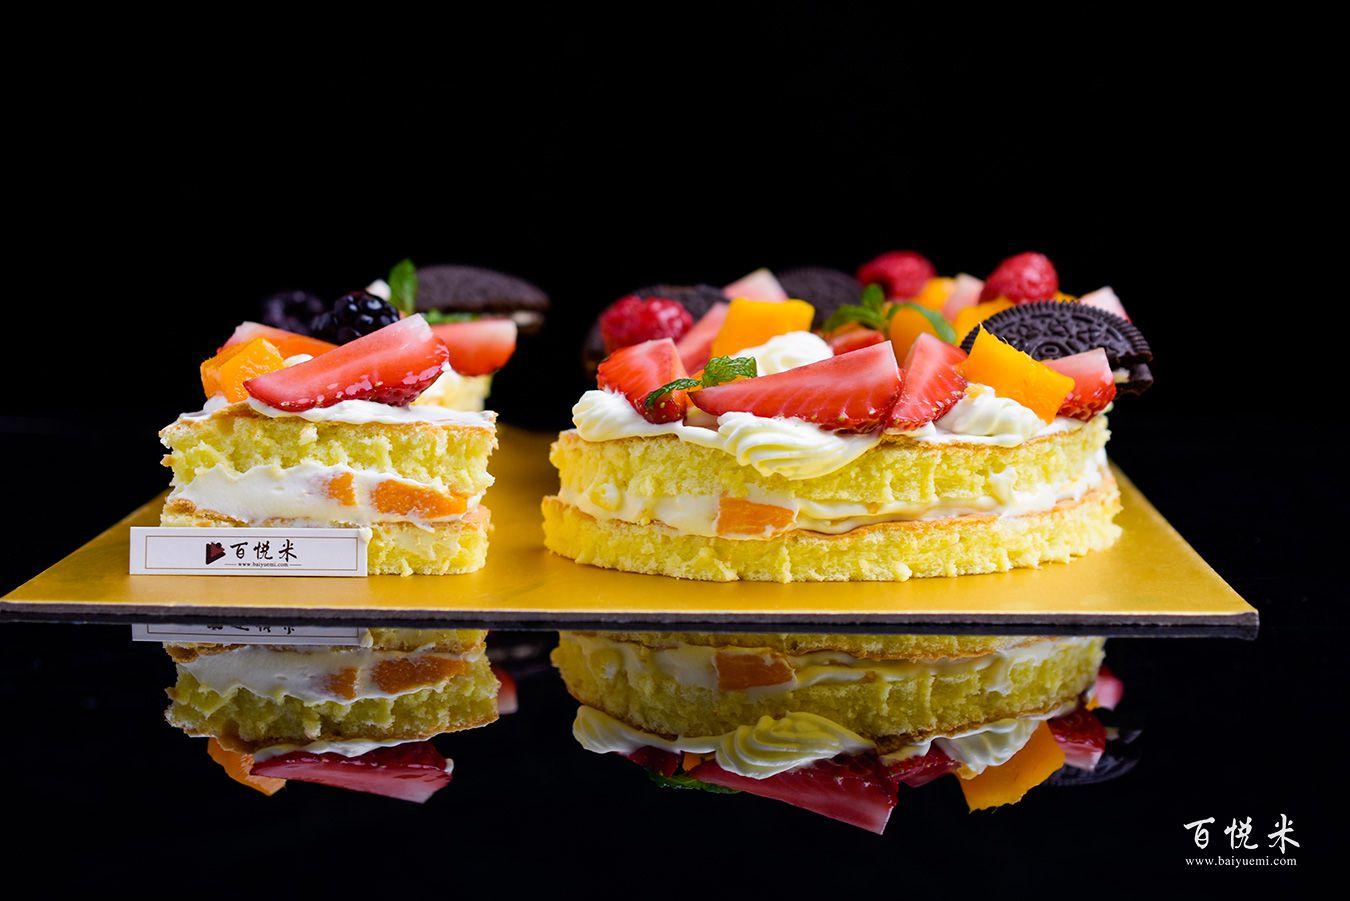 网红数字蛋糕高清图片大全【蛋糕图片】_573